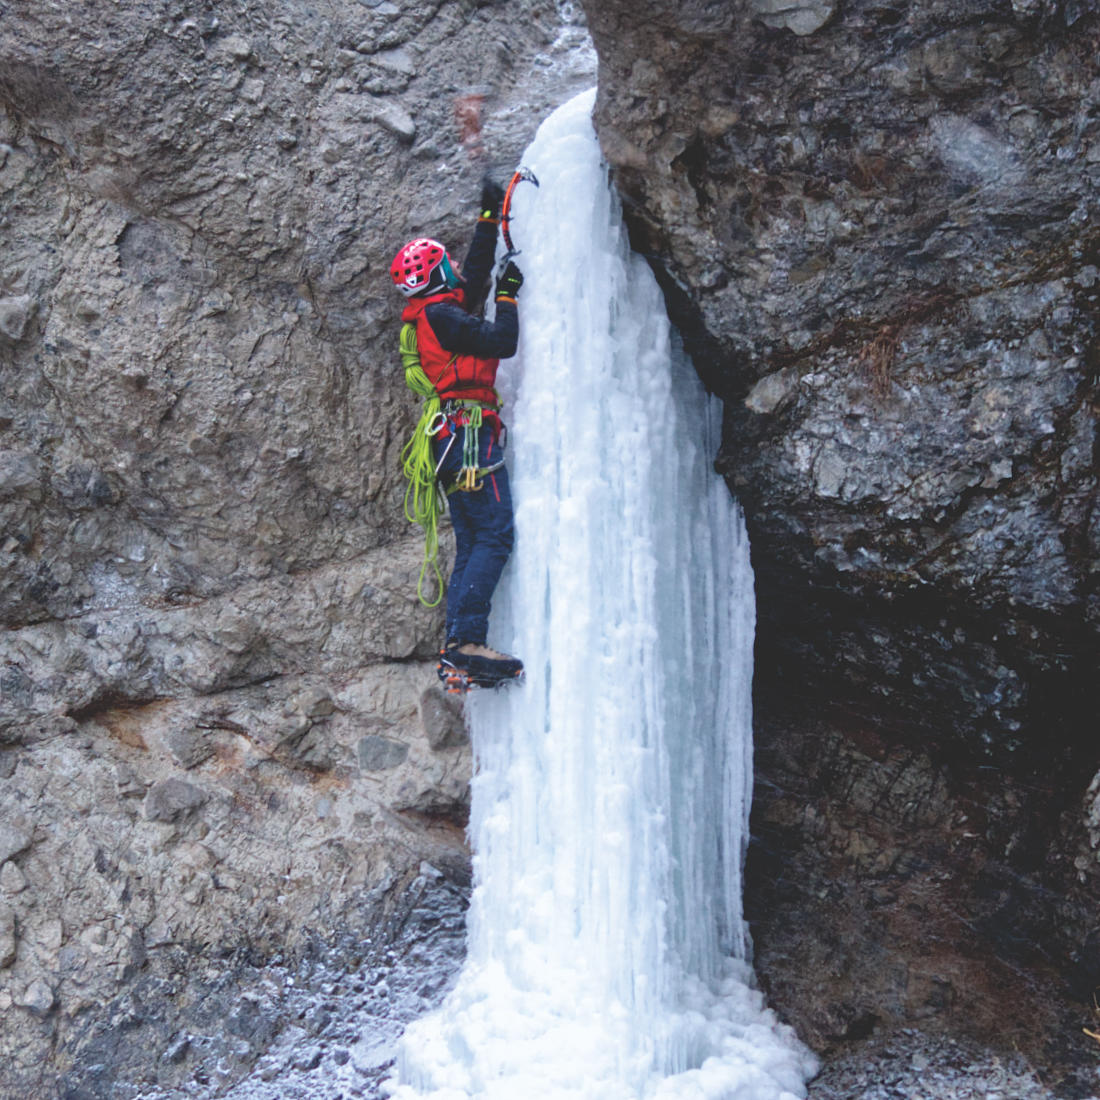 Кирилл Белоцерковский лезет маленький забавный водопад